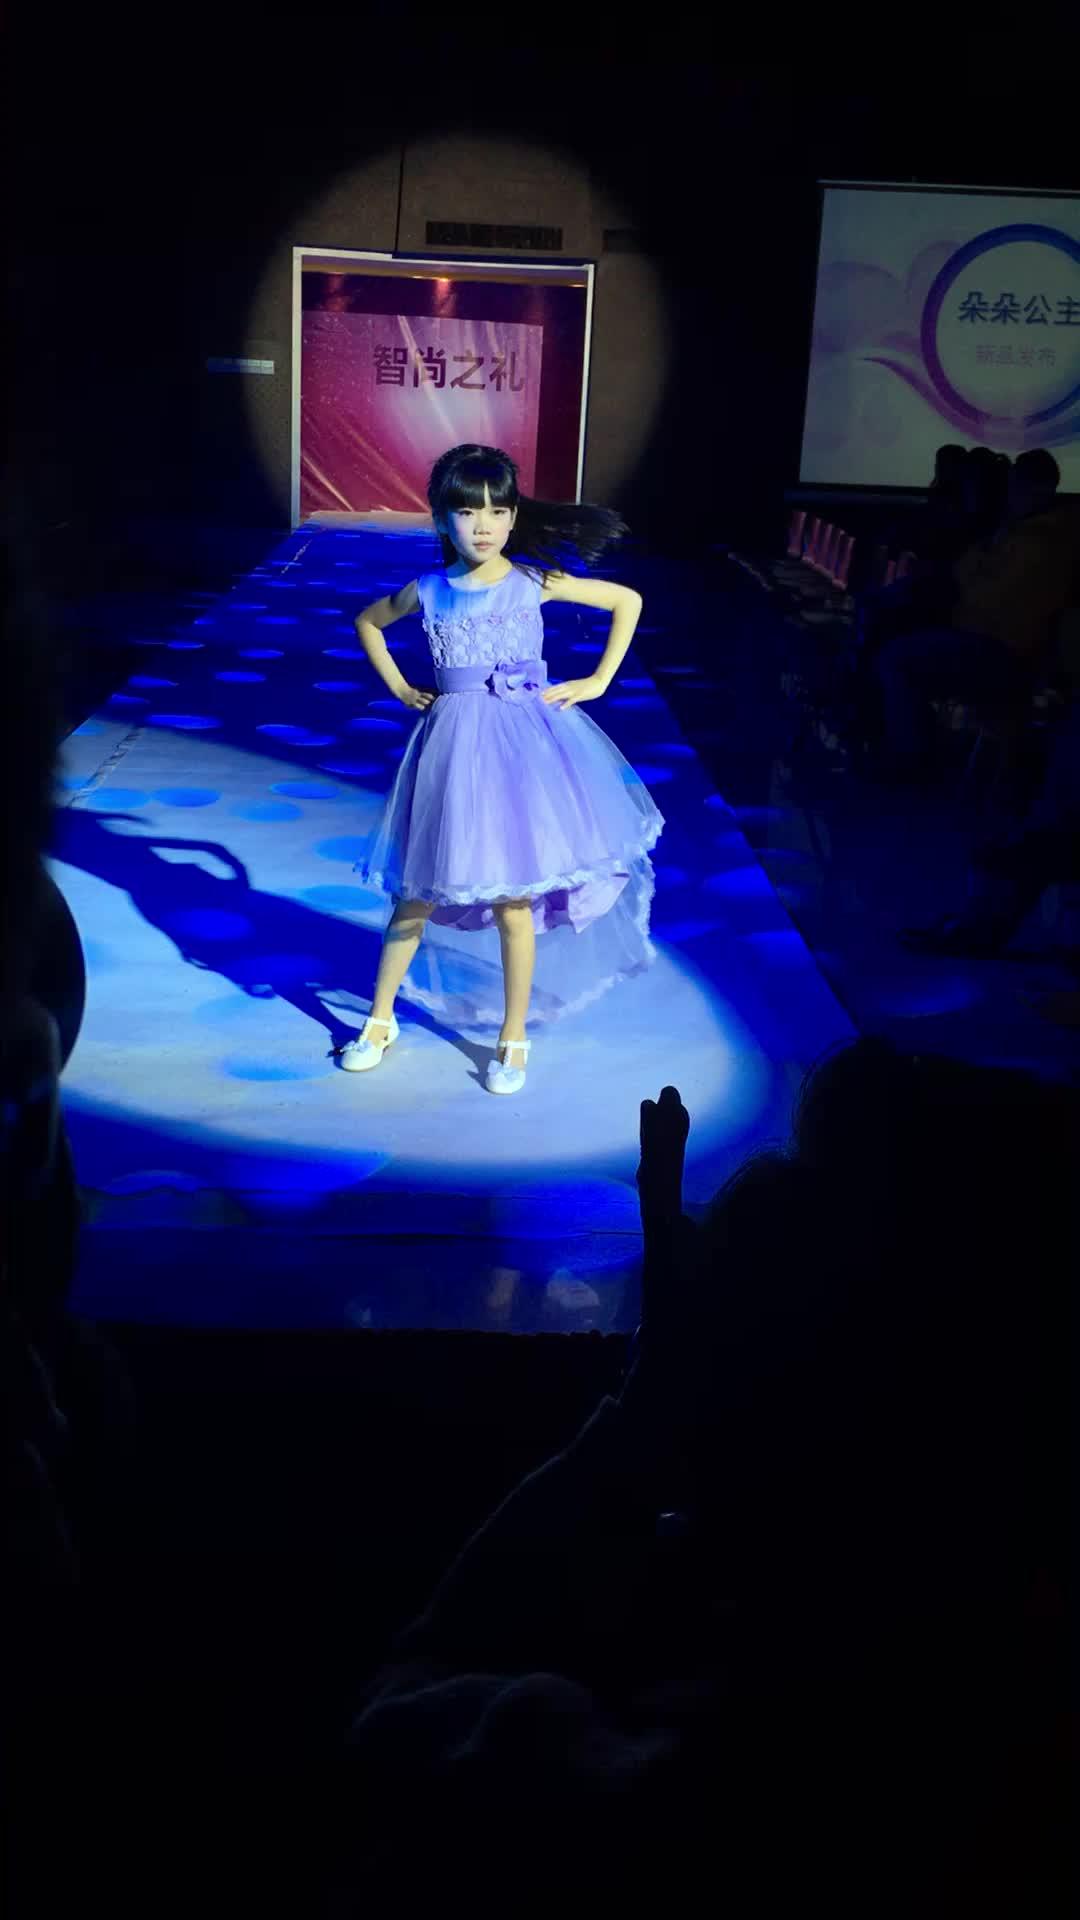 ミント花アップリケ子供服のため3年古い卸売価格サンプルバルク利用可能な子供服新しいパーティーdeisngs